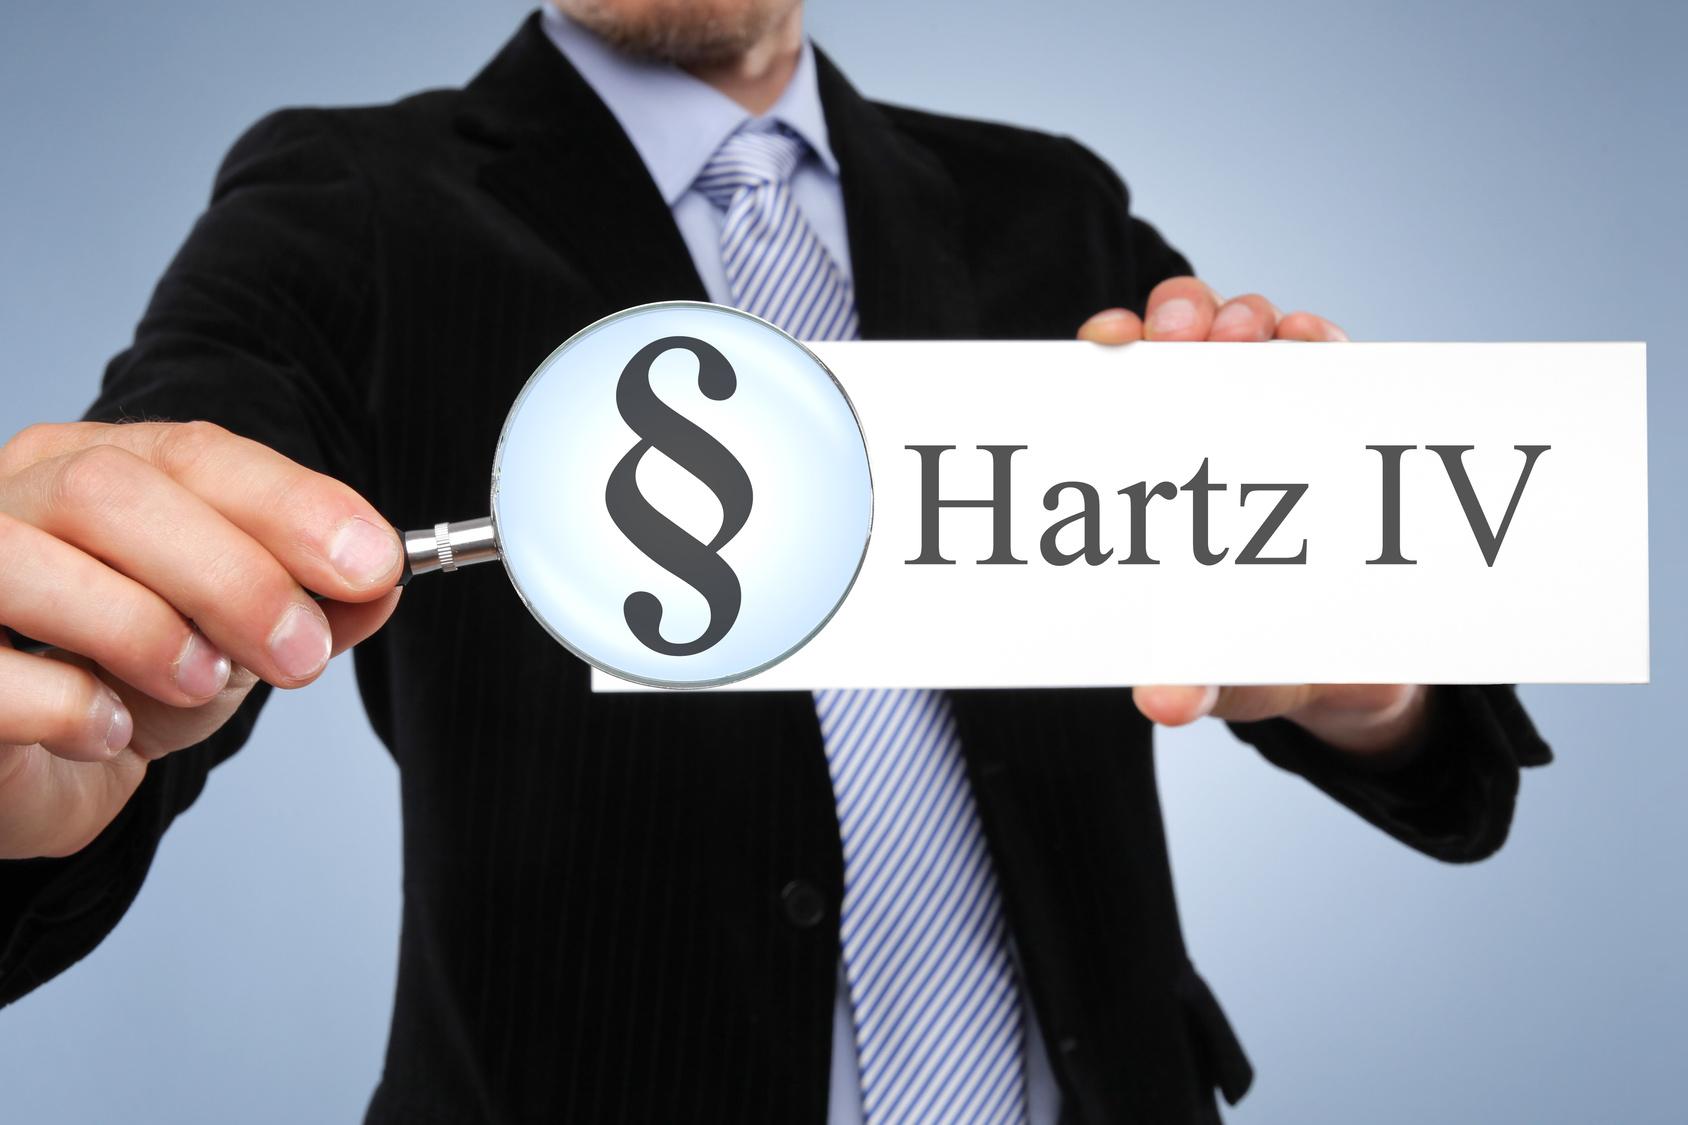 hartz 4 partnervermittlung Bad Homburg vor der Höhe